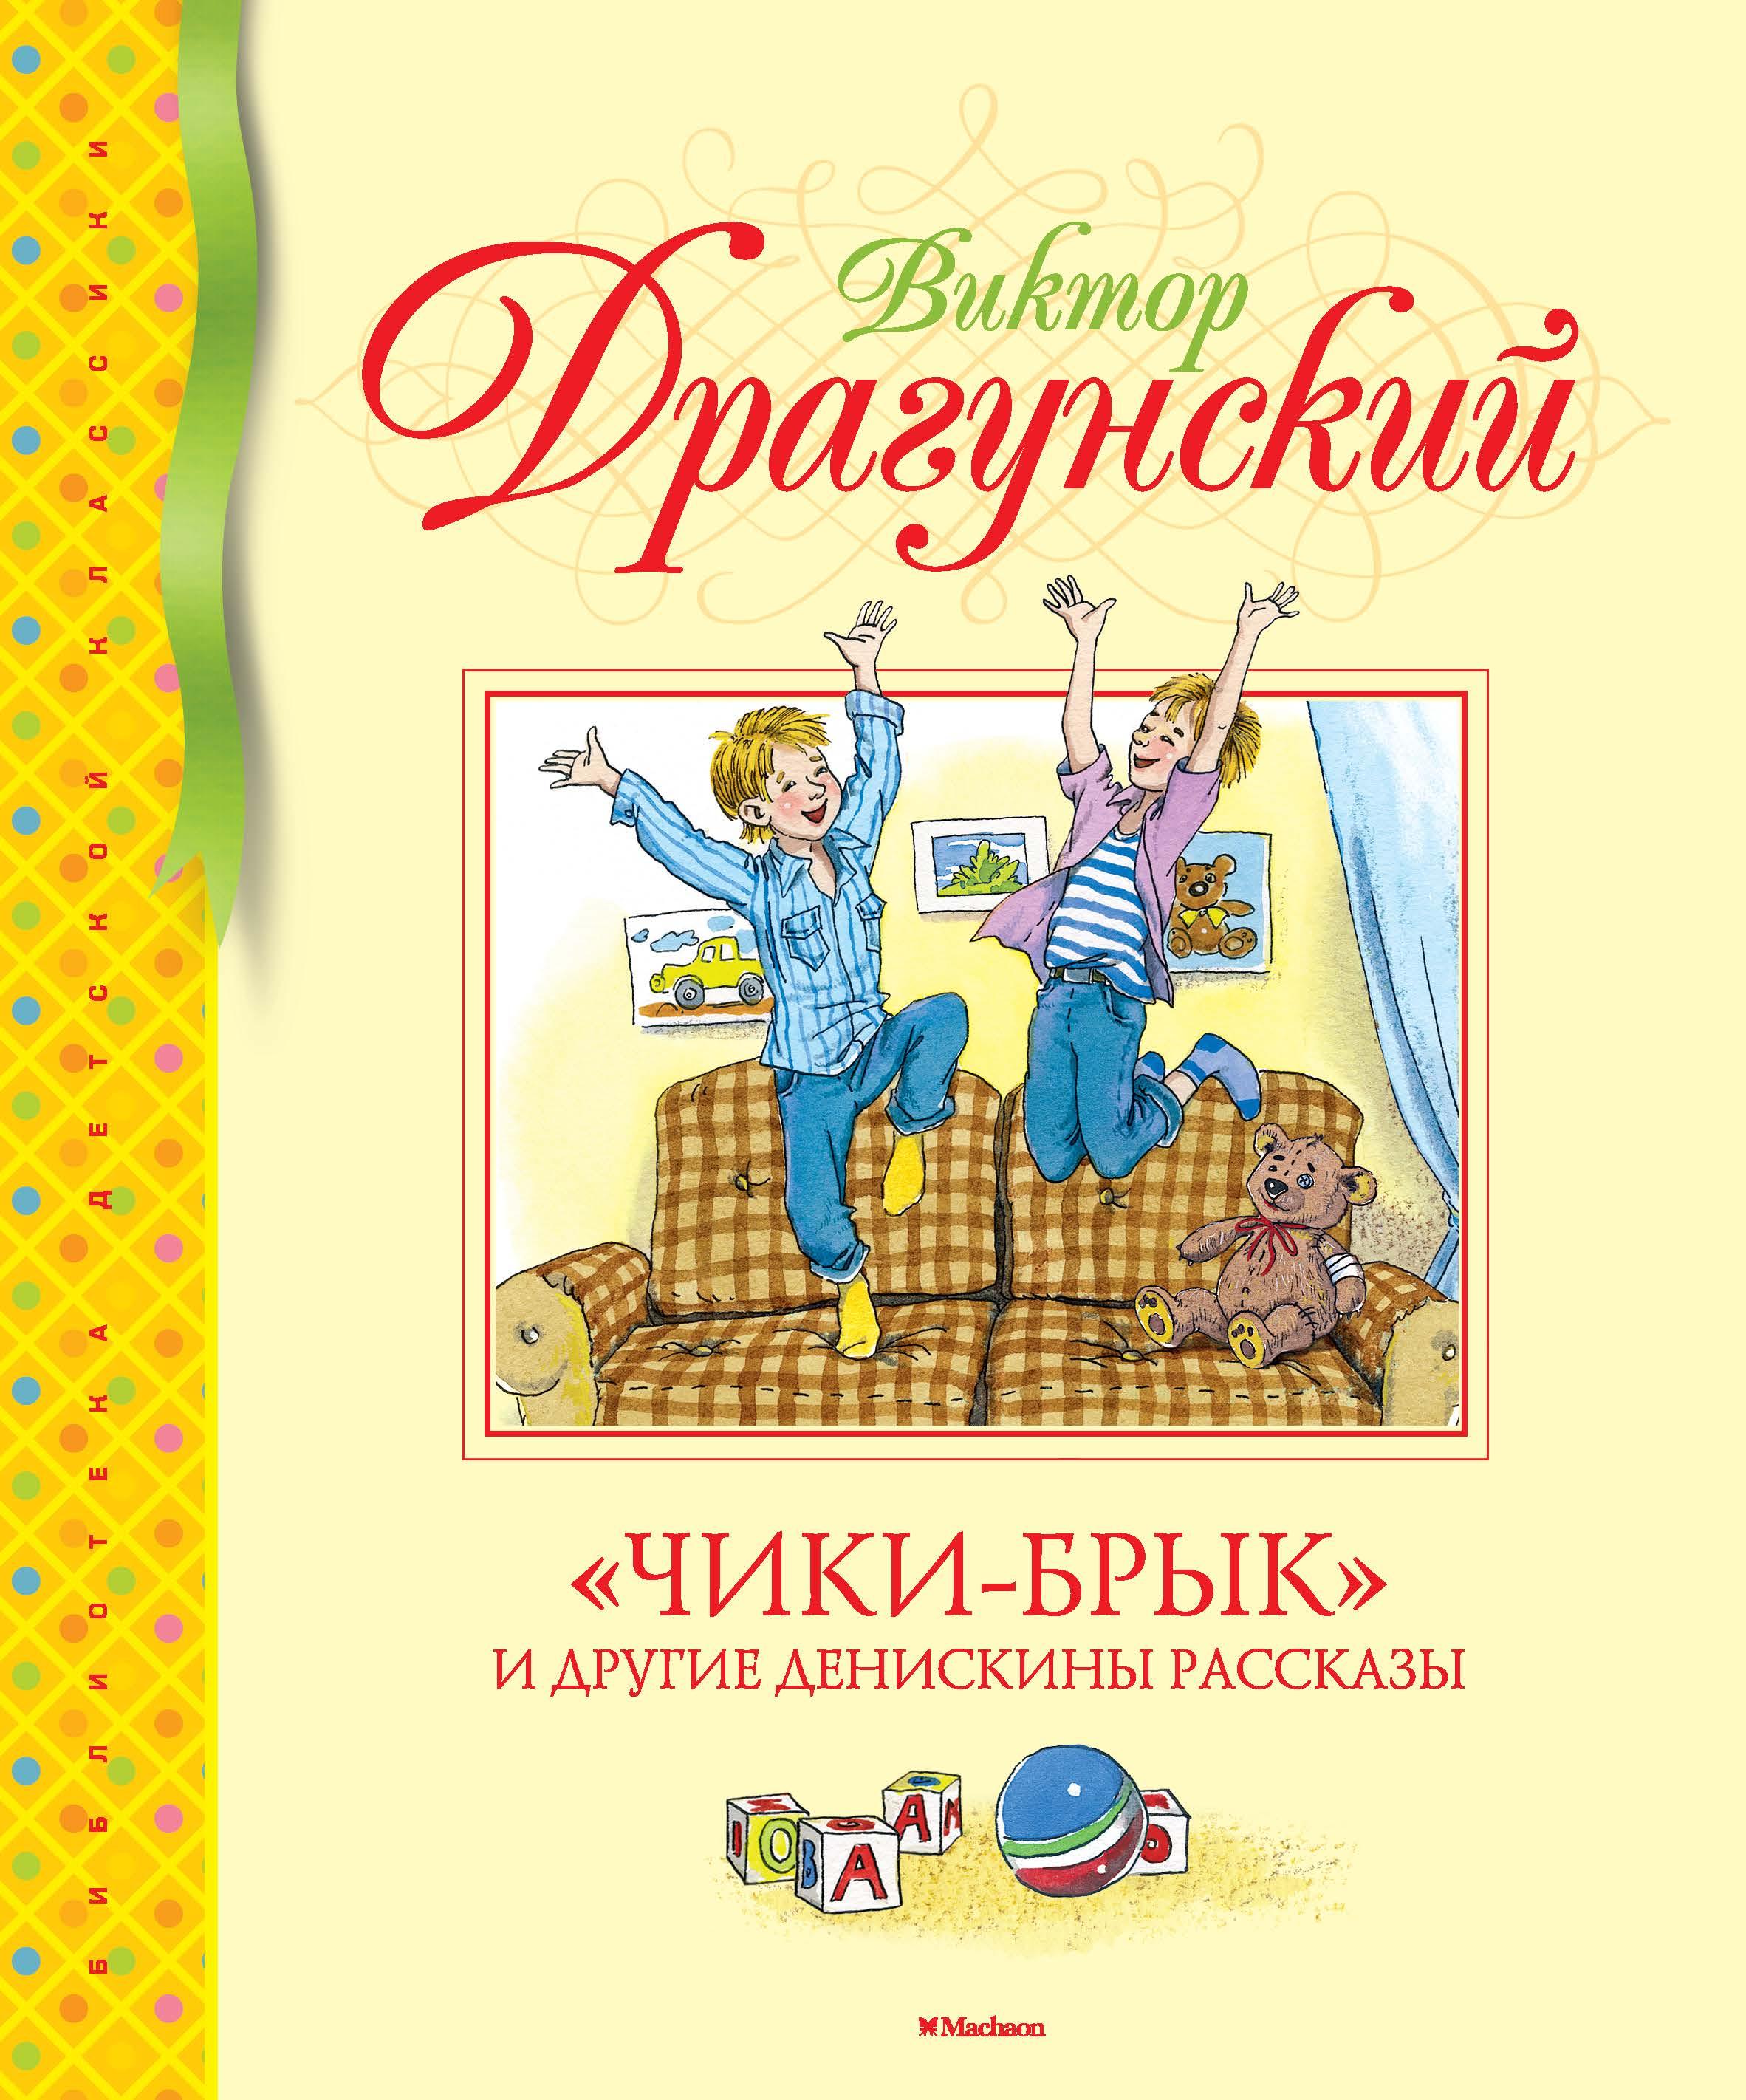 Виктор Драгунский Чики-брык и другие Денискины рассказы виктор драгунский шляпа гроссмейстера